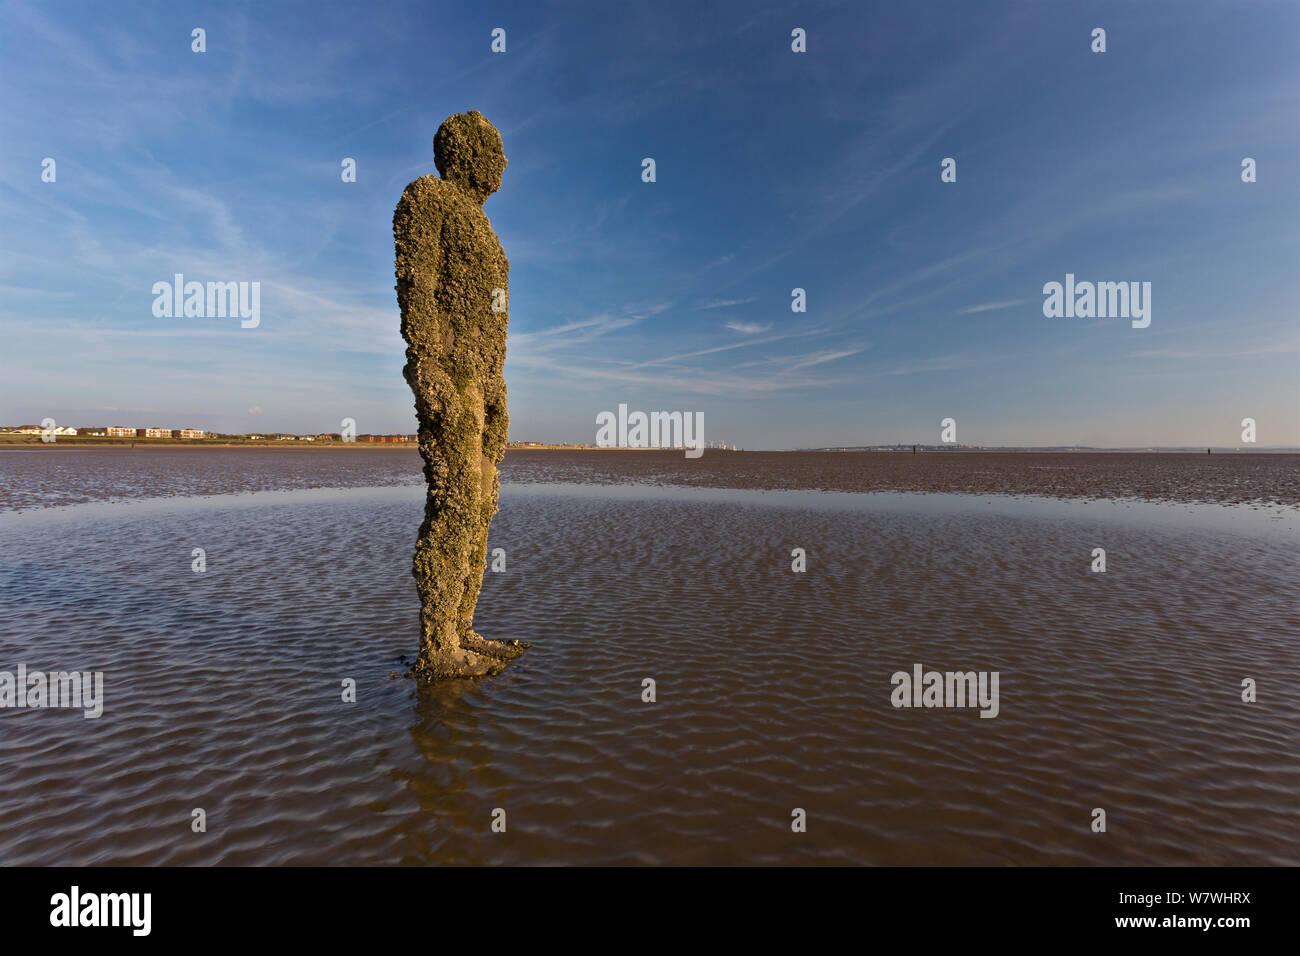 Una figura de Antony Gormley's 'Otro lugar' instalación cubierta de percebes, incluidas las invasoras Austrominius modestus. Crosby, Merseyside, Reino Unido, abril de 2014. Foto de stock